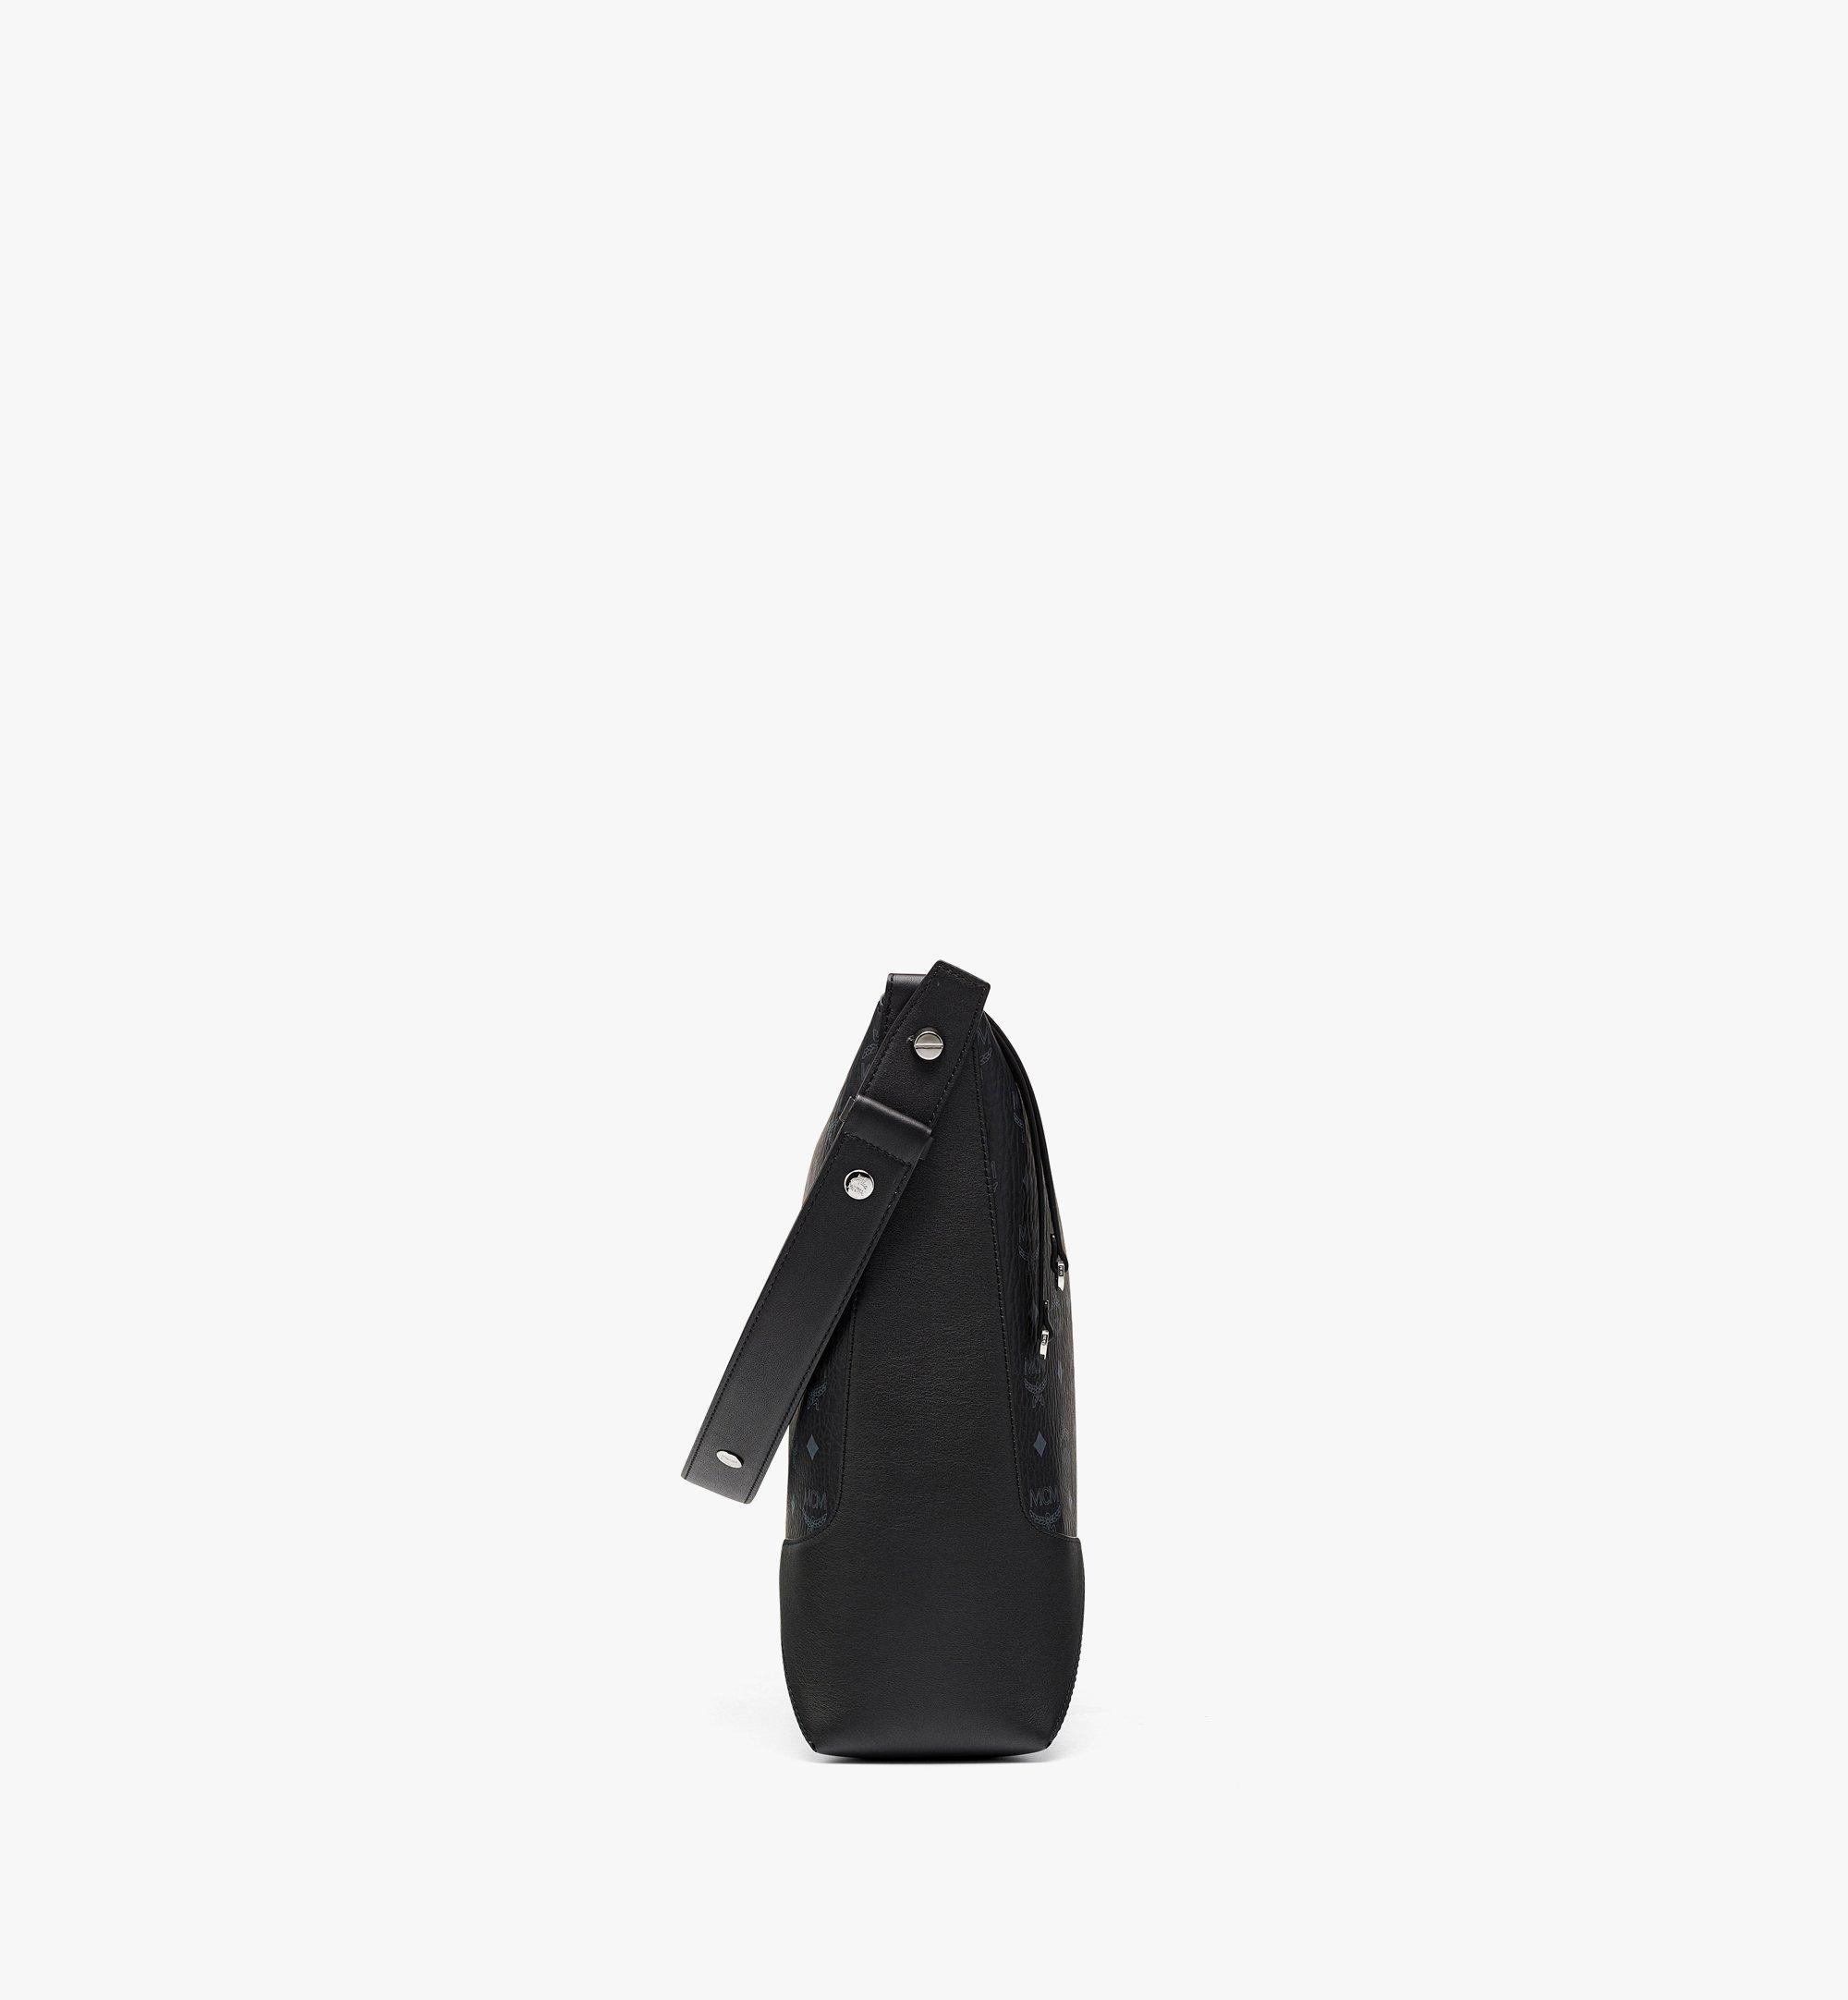 MCM Klara Hobo-Tasche in Visetos Black MWHBSKM01BK001 Noch mehr sehen 1